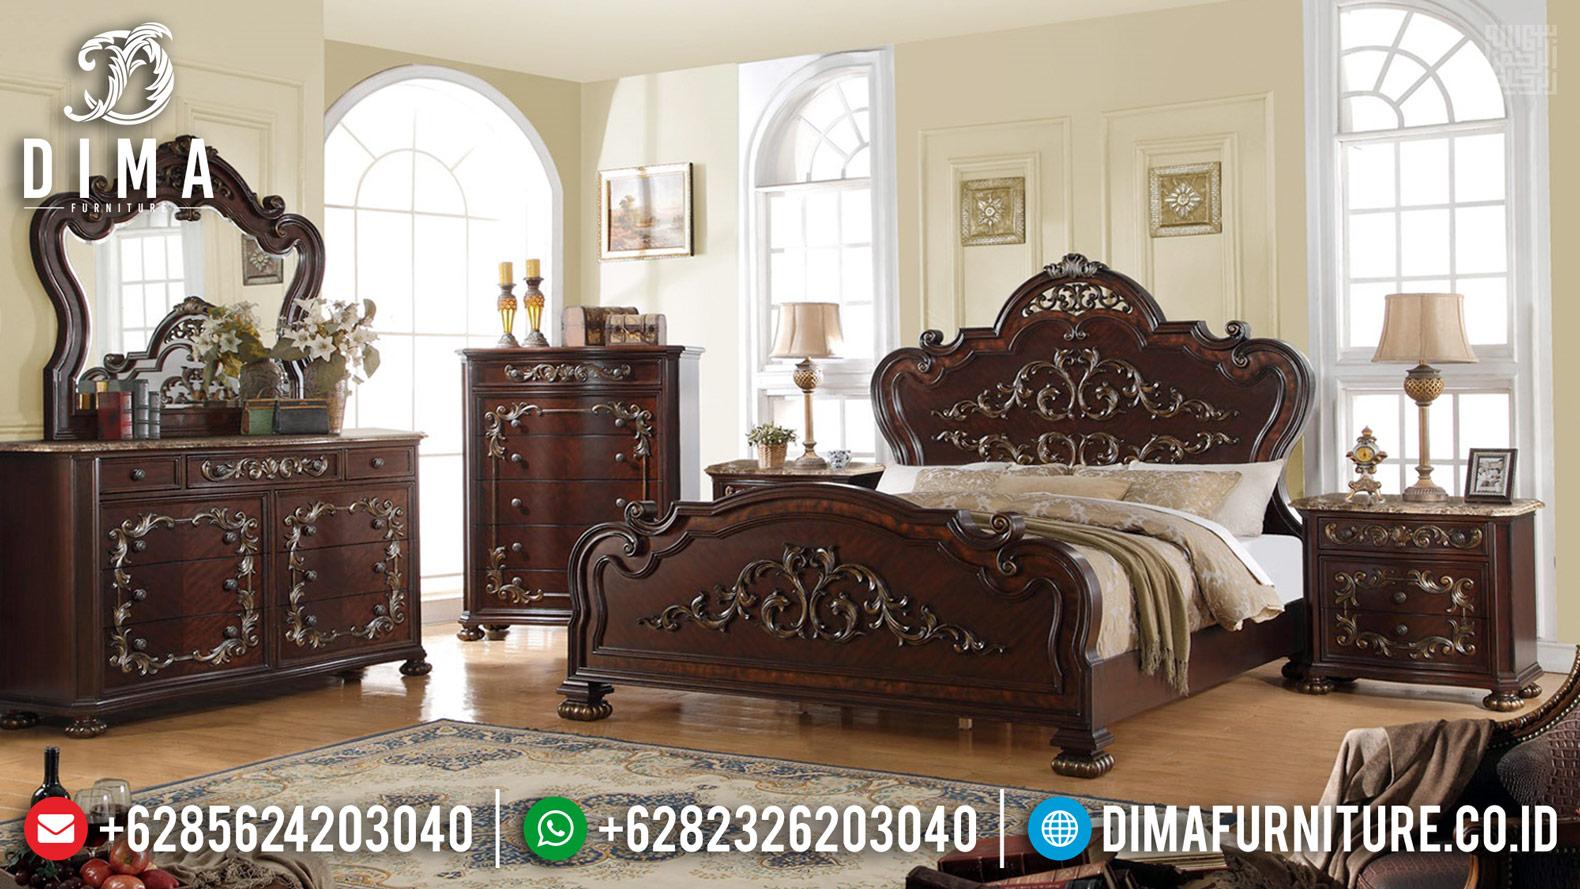 Tempat Tidur Jepara Natural Klasik Ukiran Mewah BT-0392